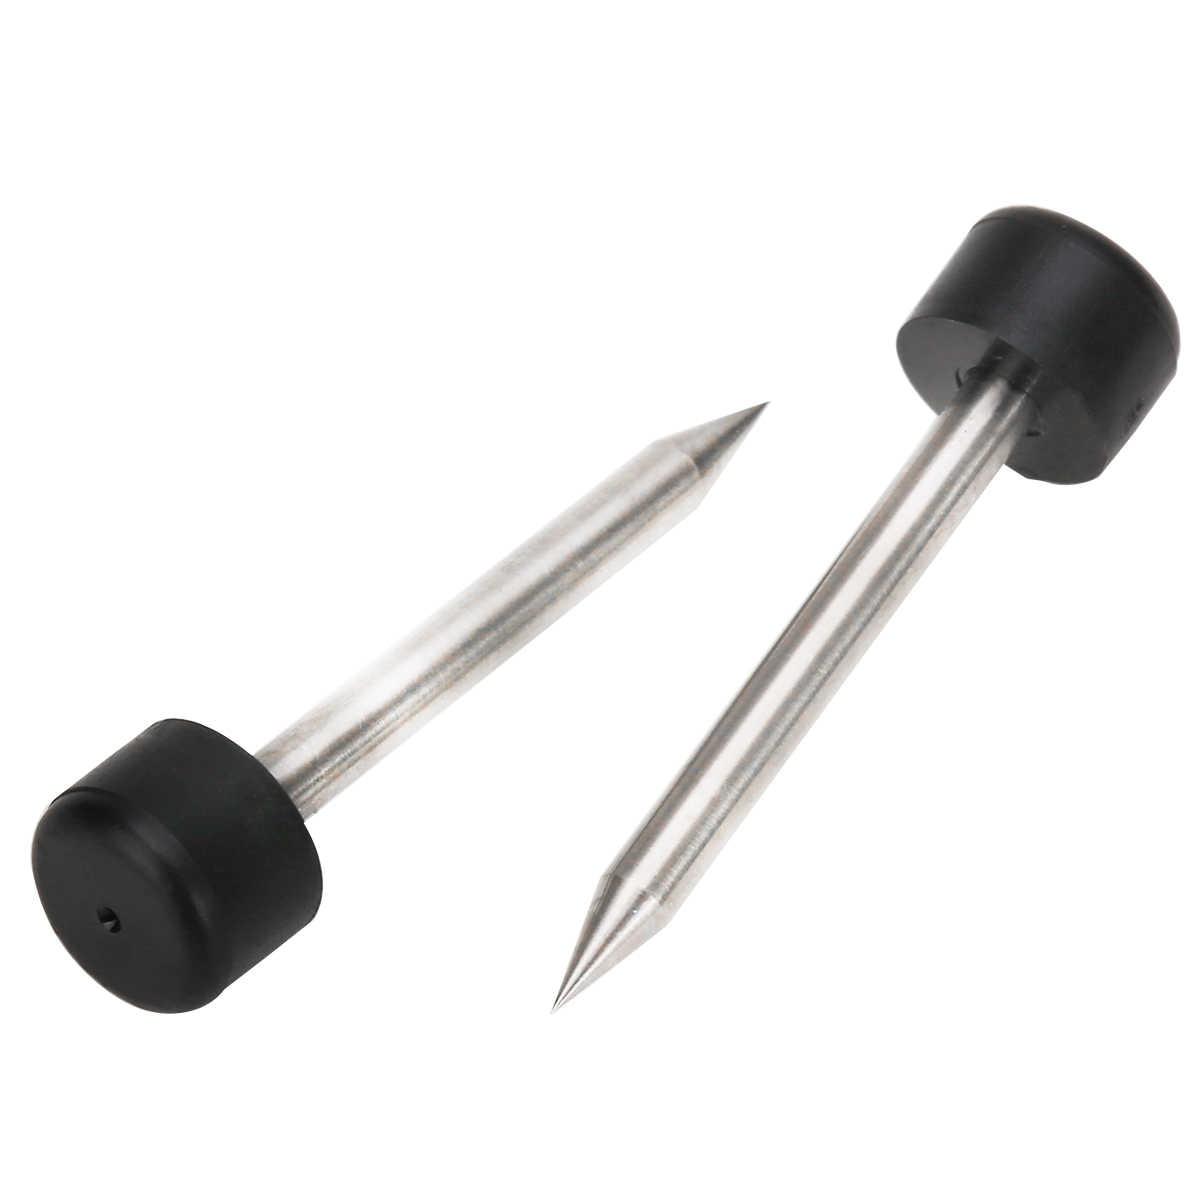 Nuevo par de electrodos de fibra óptica de alta calidad para Fujikura FSM-50S, 60S, 70S, 80S, 62S, empalmador de fusión, 1 par